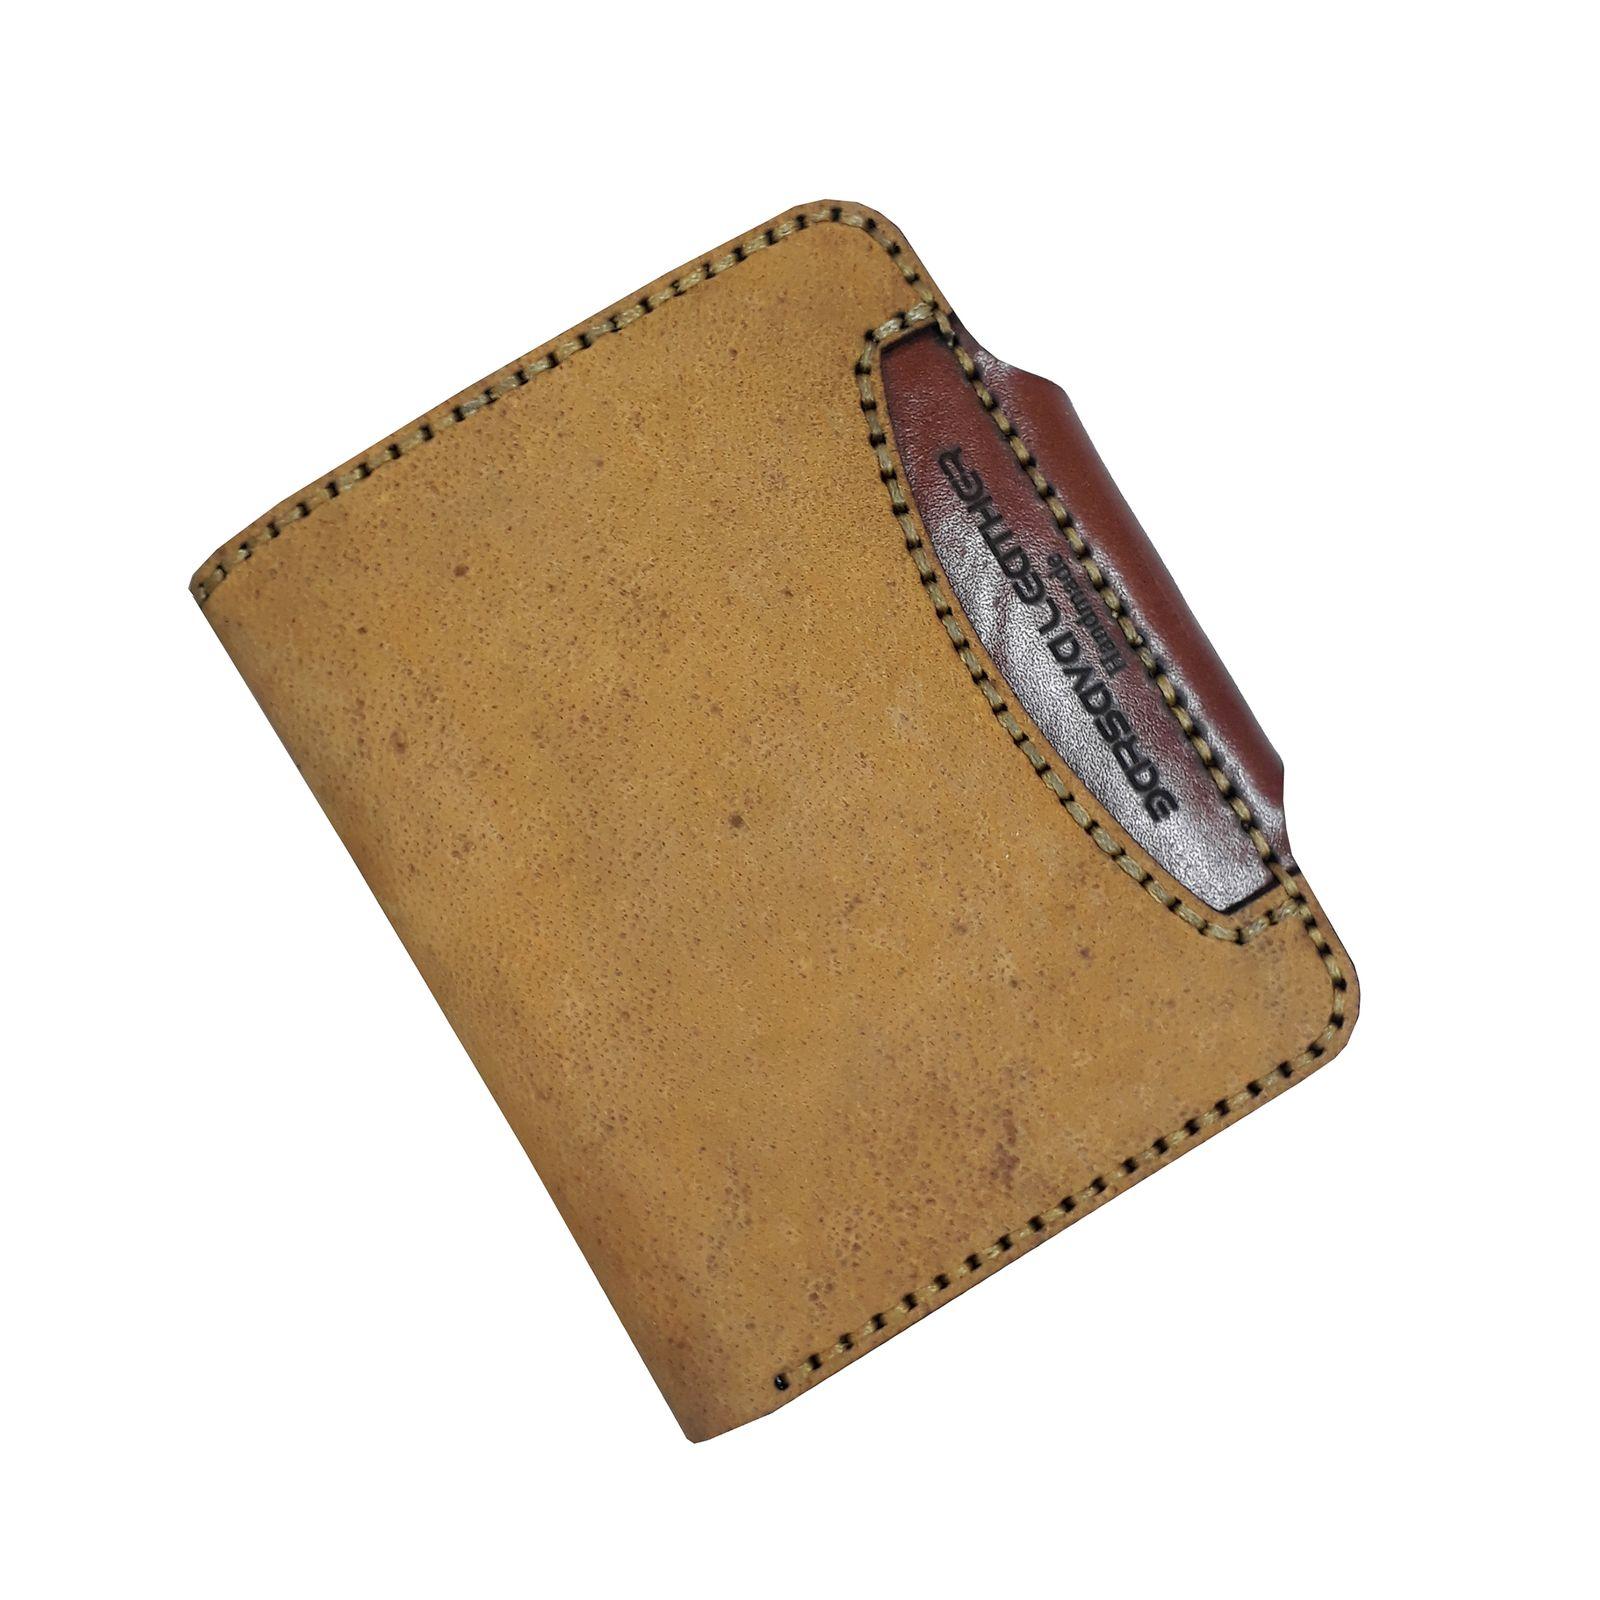 کیف پول مردانه چرم بارثاوا کد 1510 -  - 5